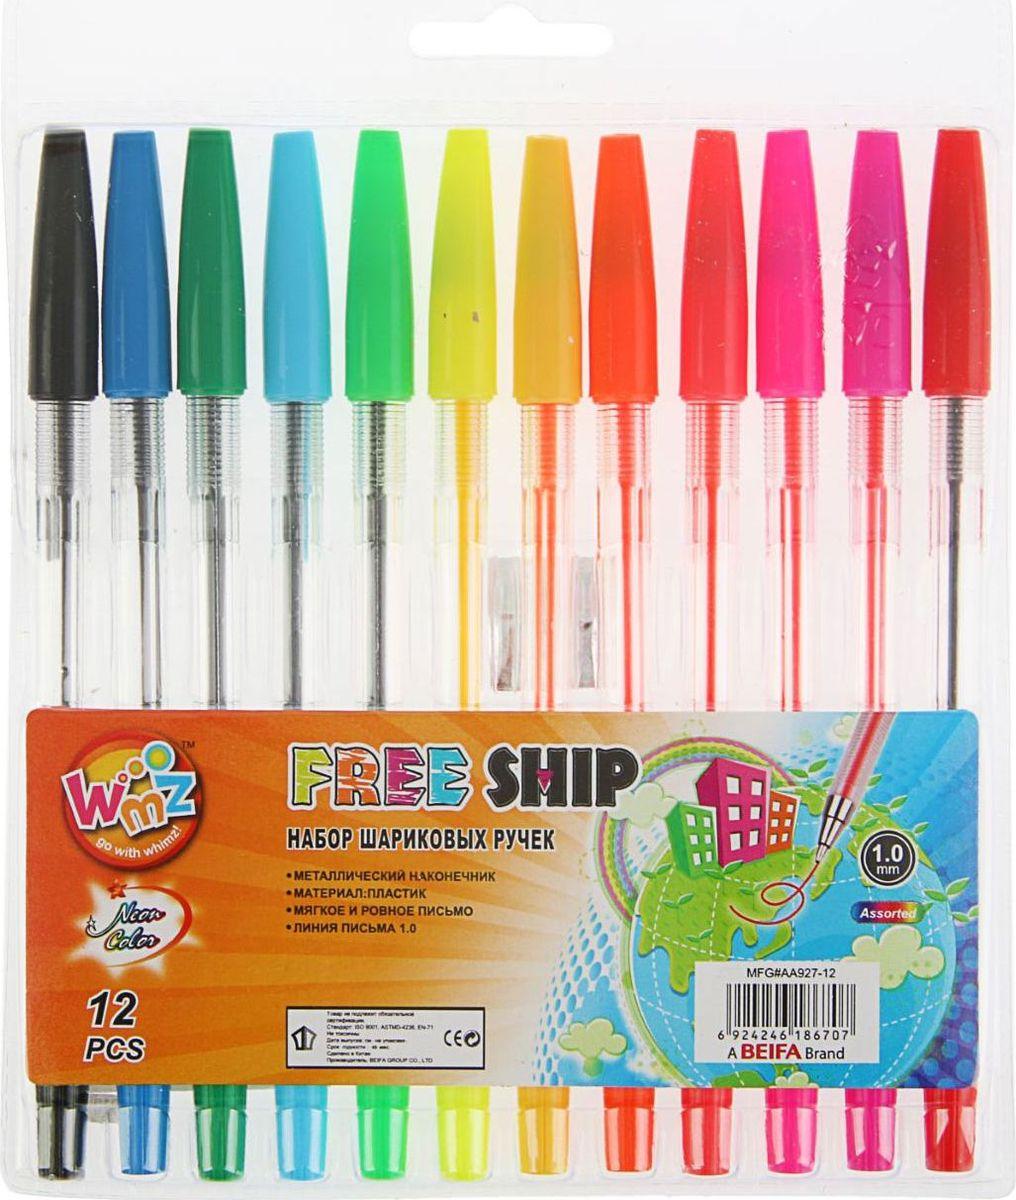 Beifa Набор шариковых ручек 12 цветов1943093Набор шариковых ручек Beifa имеет прозрачный пластиковый корпус, сквозь который всегда виден запас чернил. Рифленая поверхность передней части корпуса предотвращает скольжение пальцев при письме. Цвет колпачка соответствует цвету чернил.